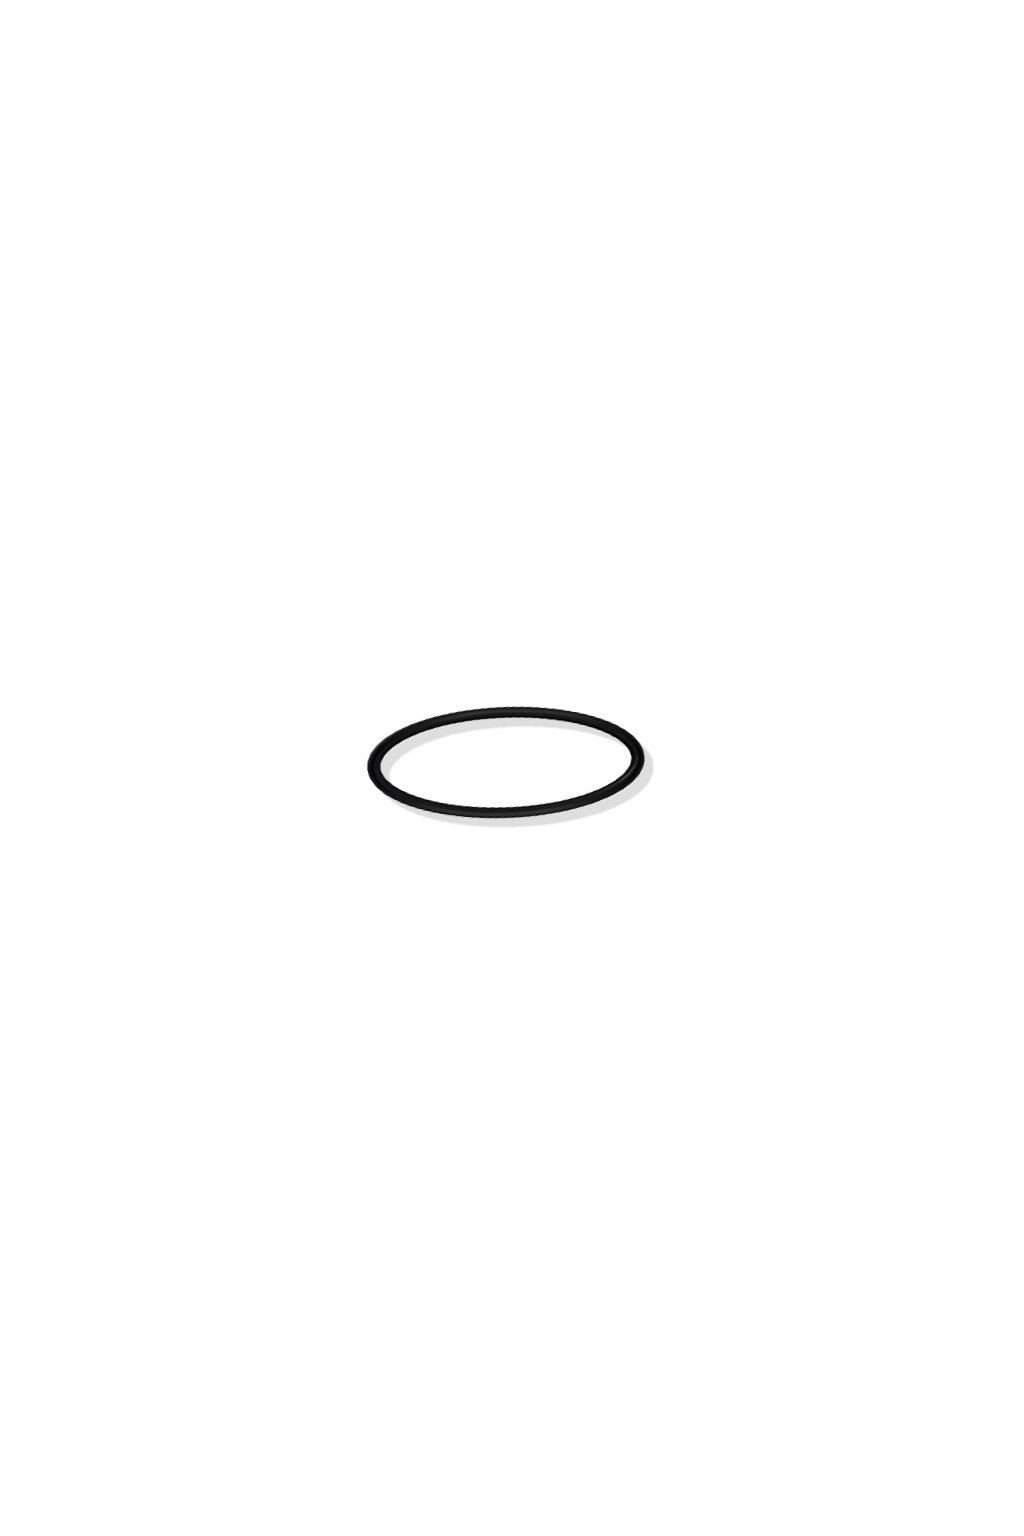 O-ring 20.0x1.1